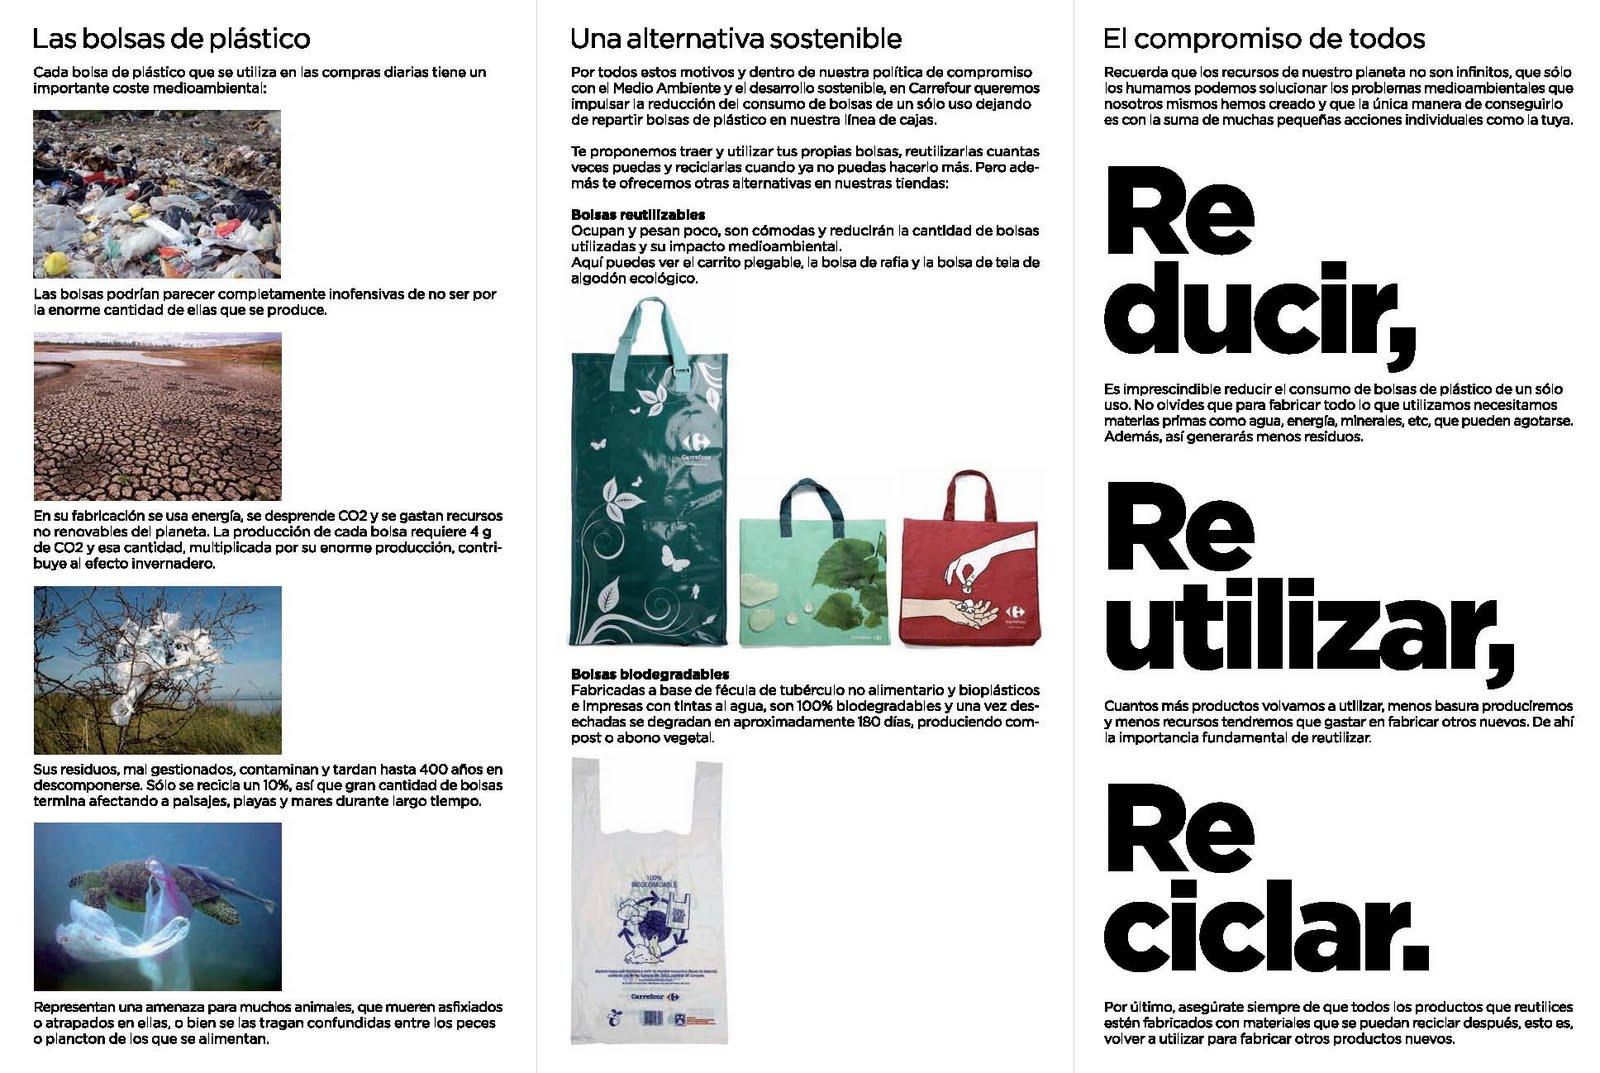 Carrefour contra las bolsas de plástico